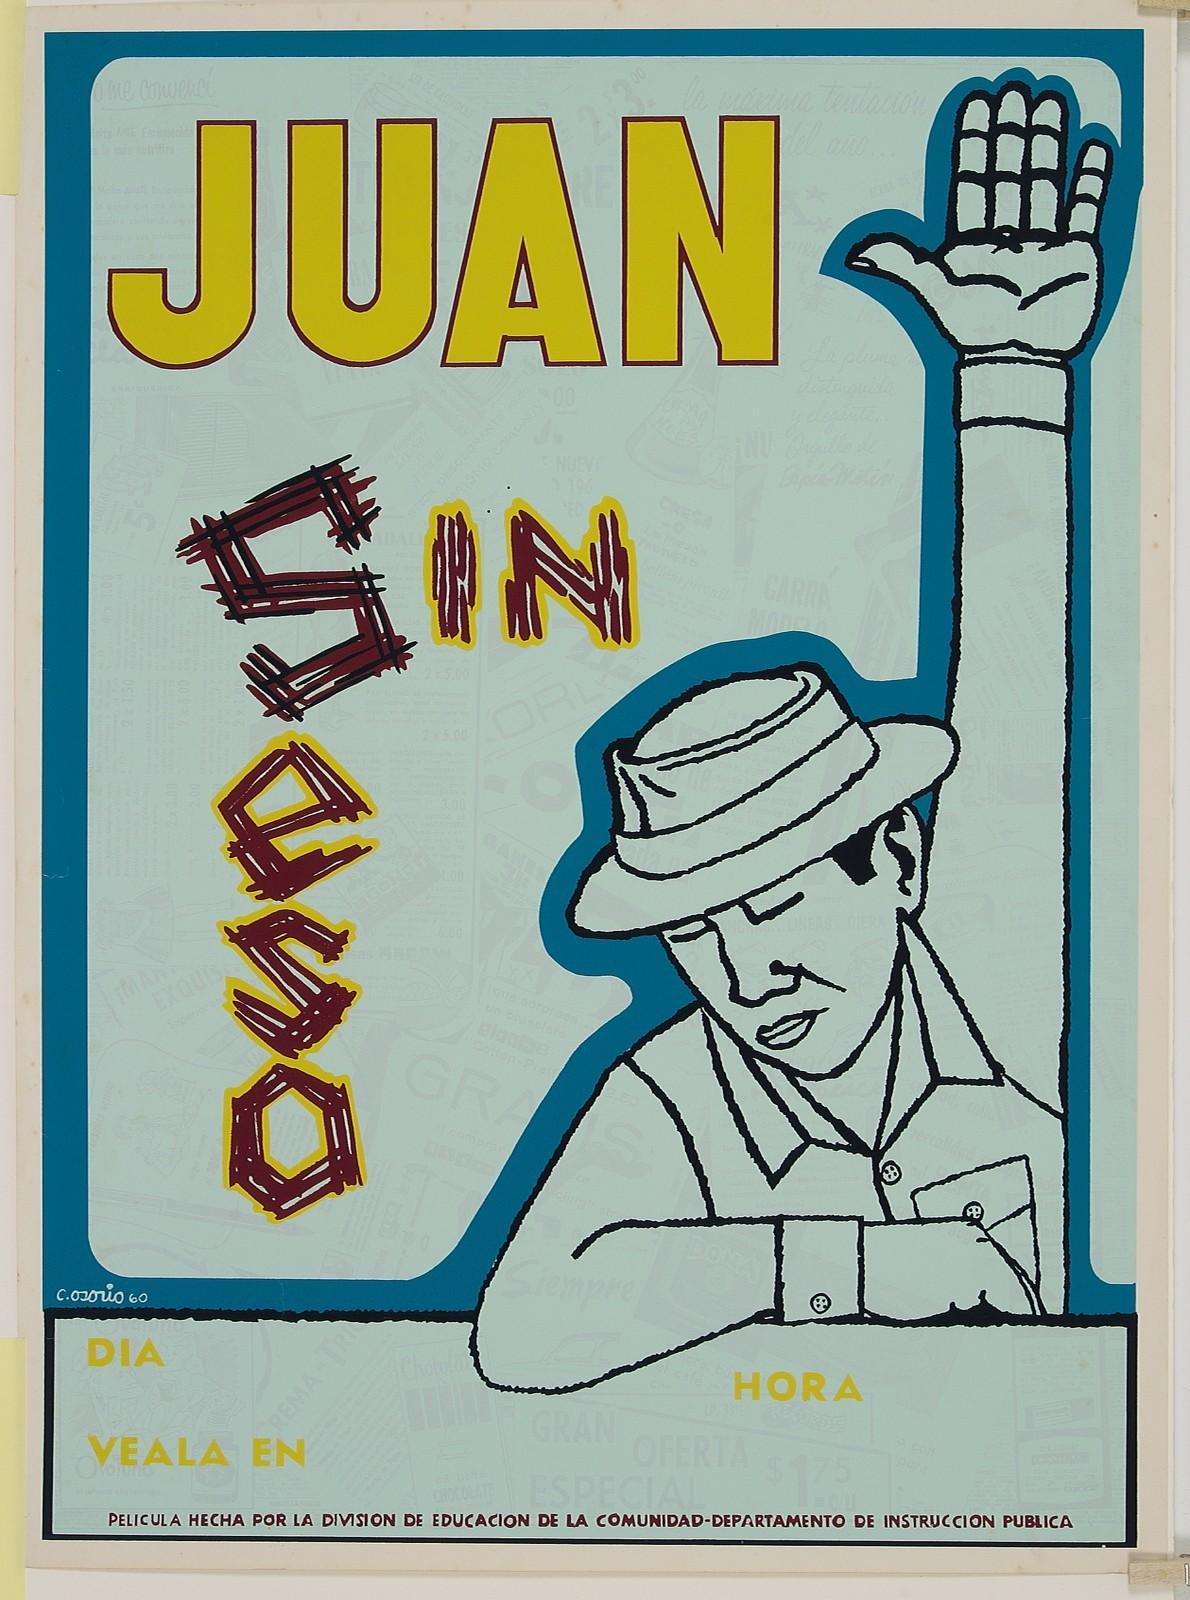 Juan sin seso